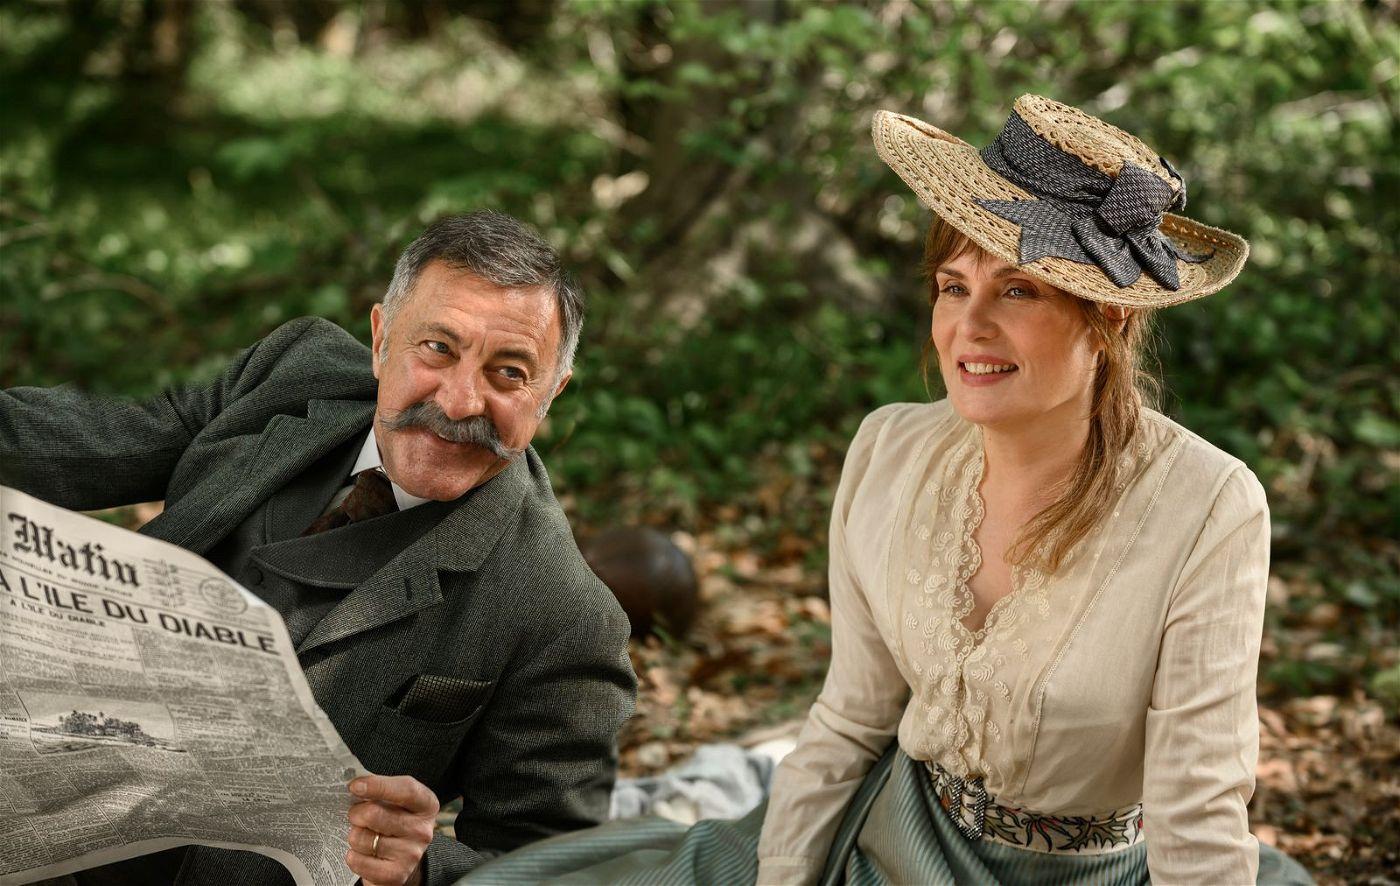 Pauline Monnier (Emmanuelle Seigner) genießt mit ihrem Ehemann Philippe Monnier (Luca Barbareschi) den Sommer.